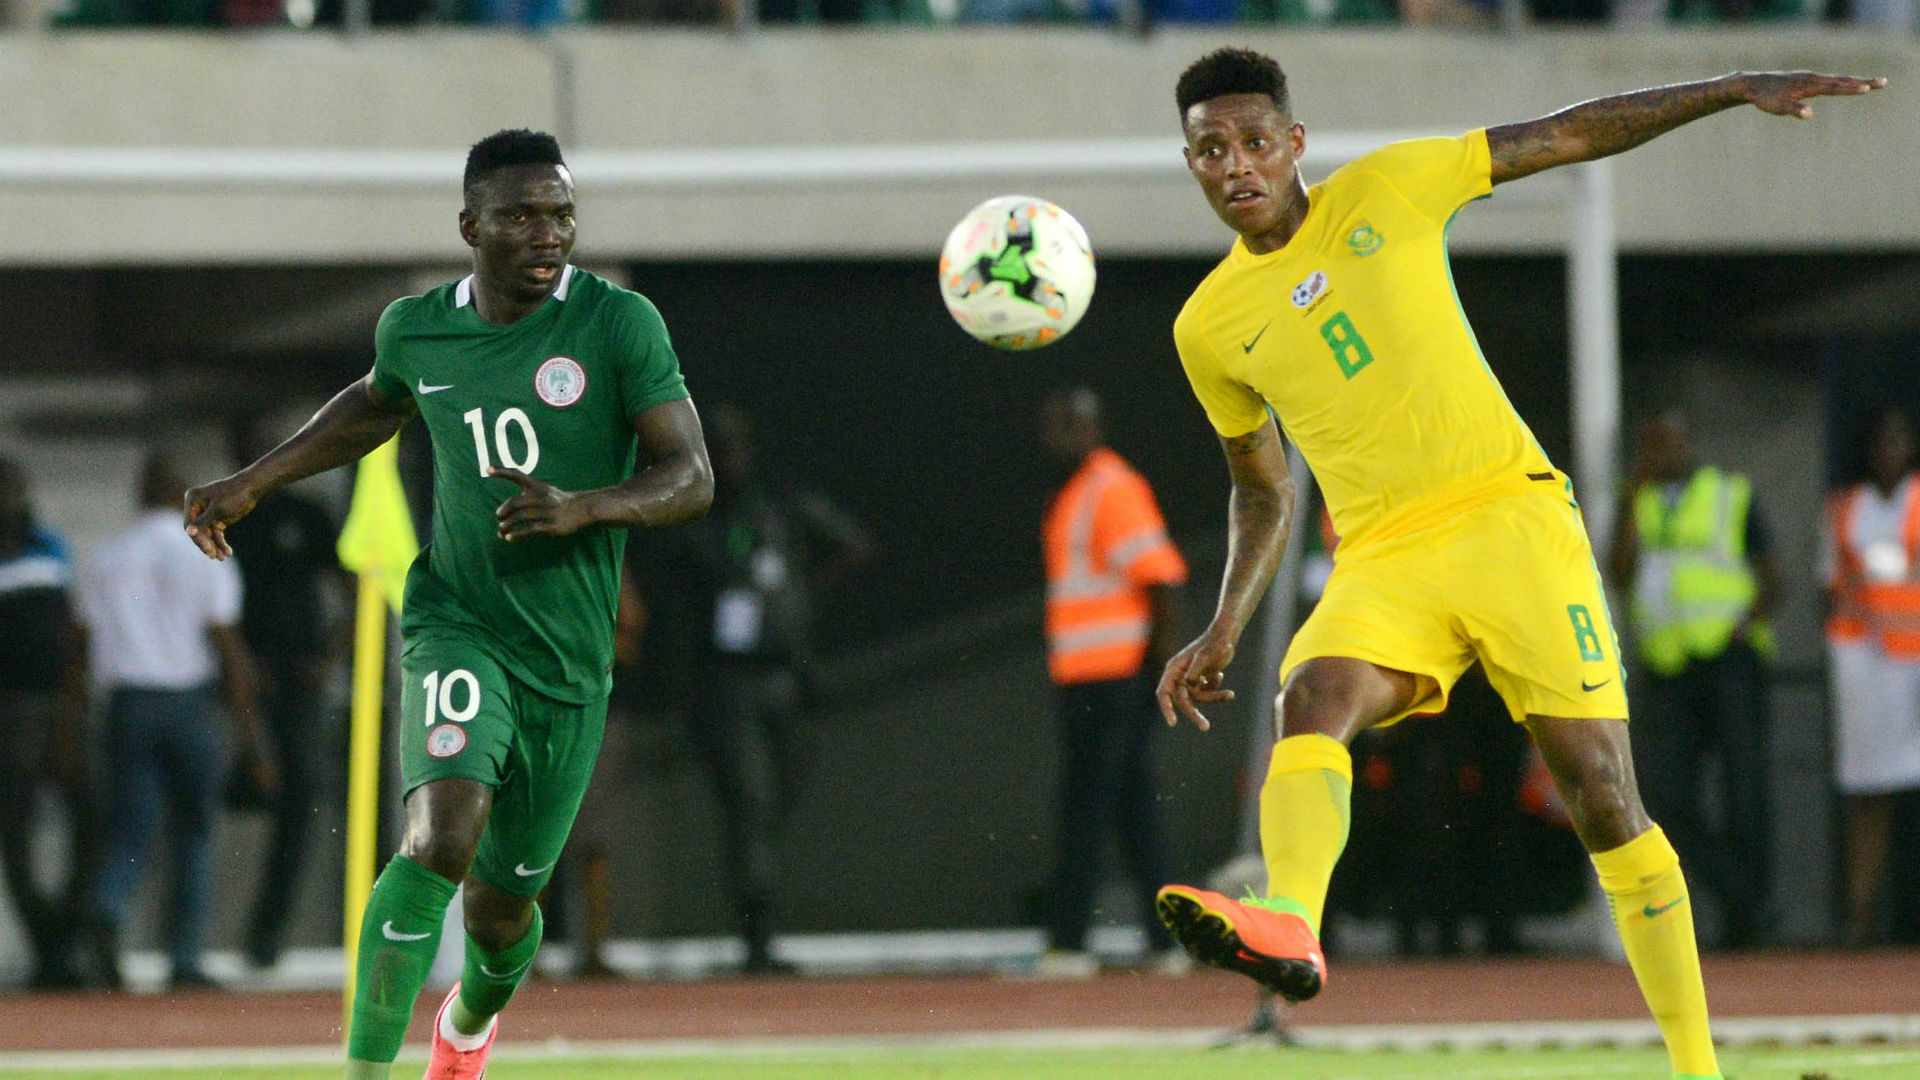 Nigeria, Oghenekaro Etebo & Bafana Bafana, Bongani Zungu